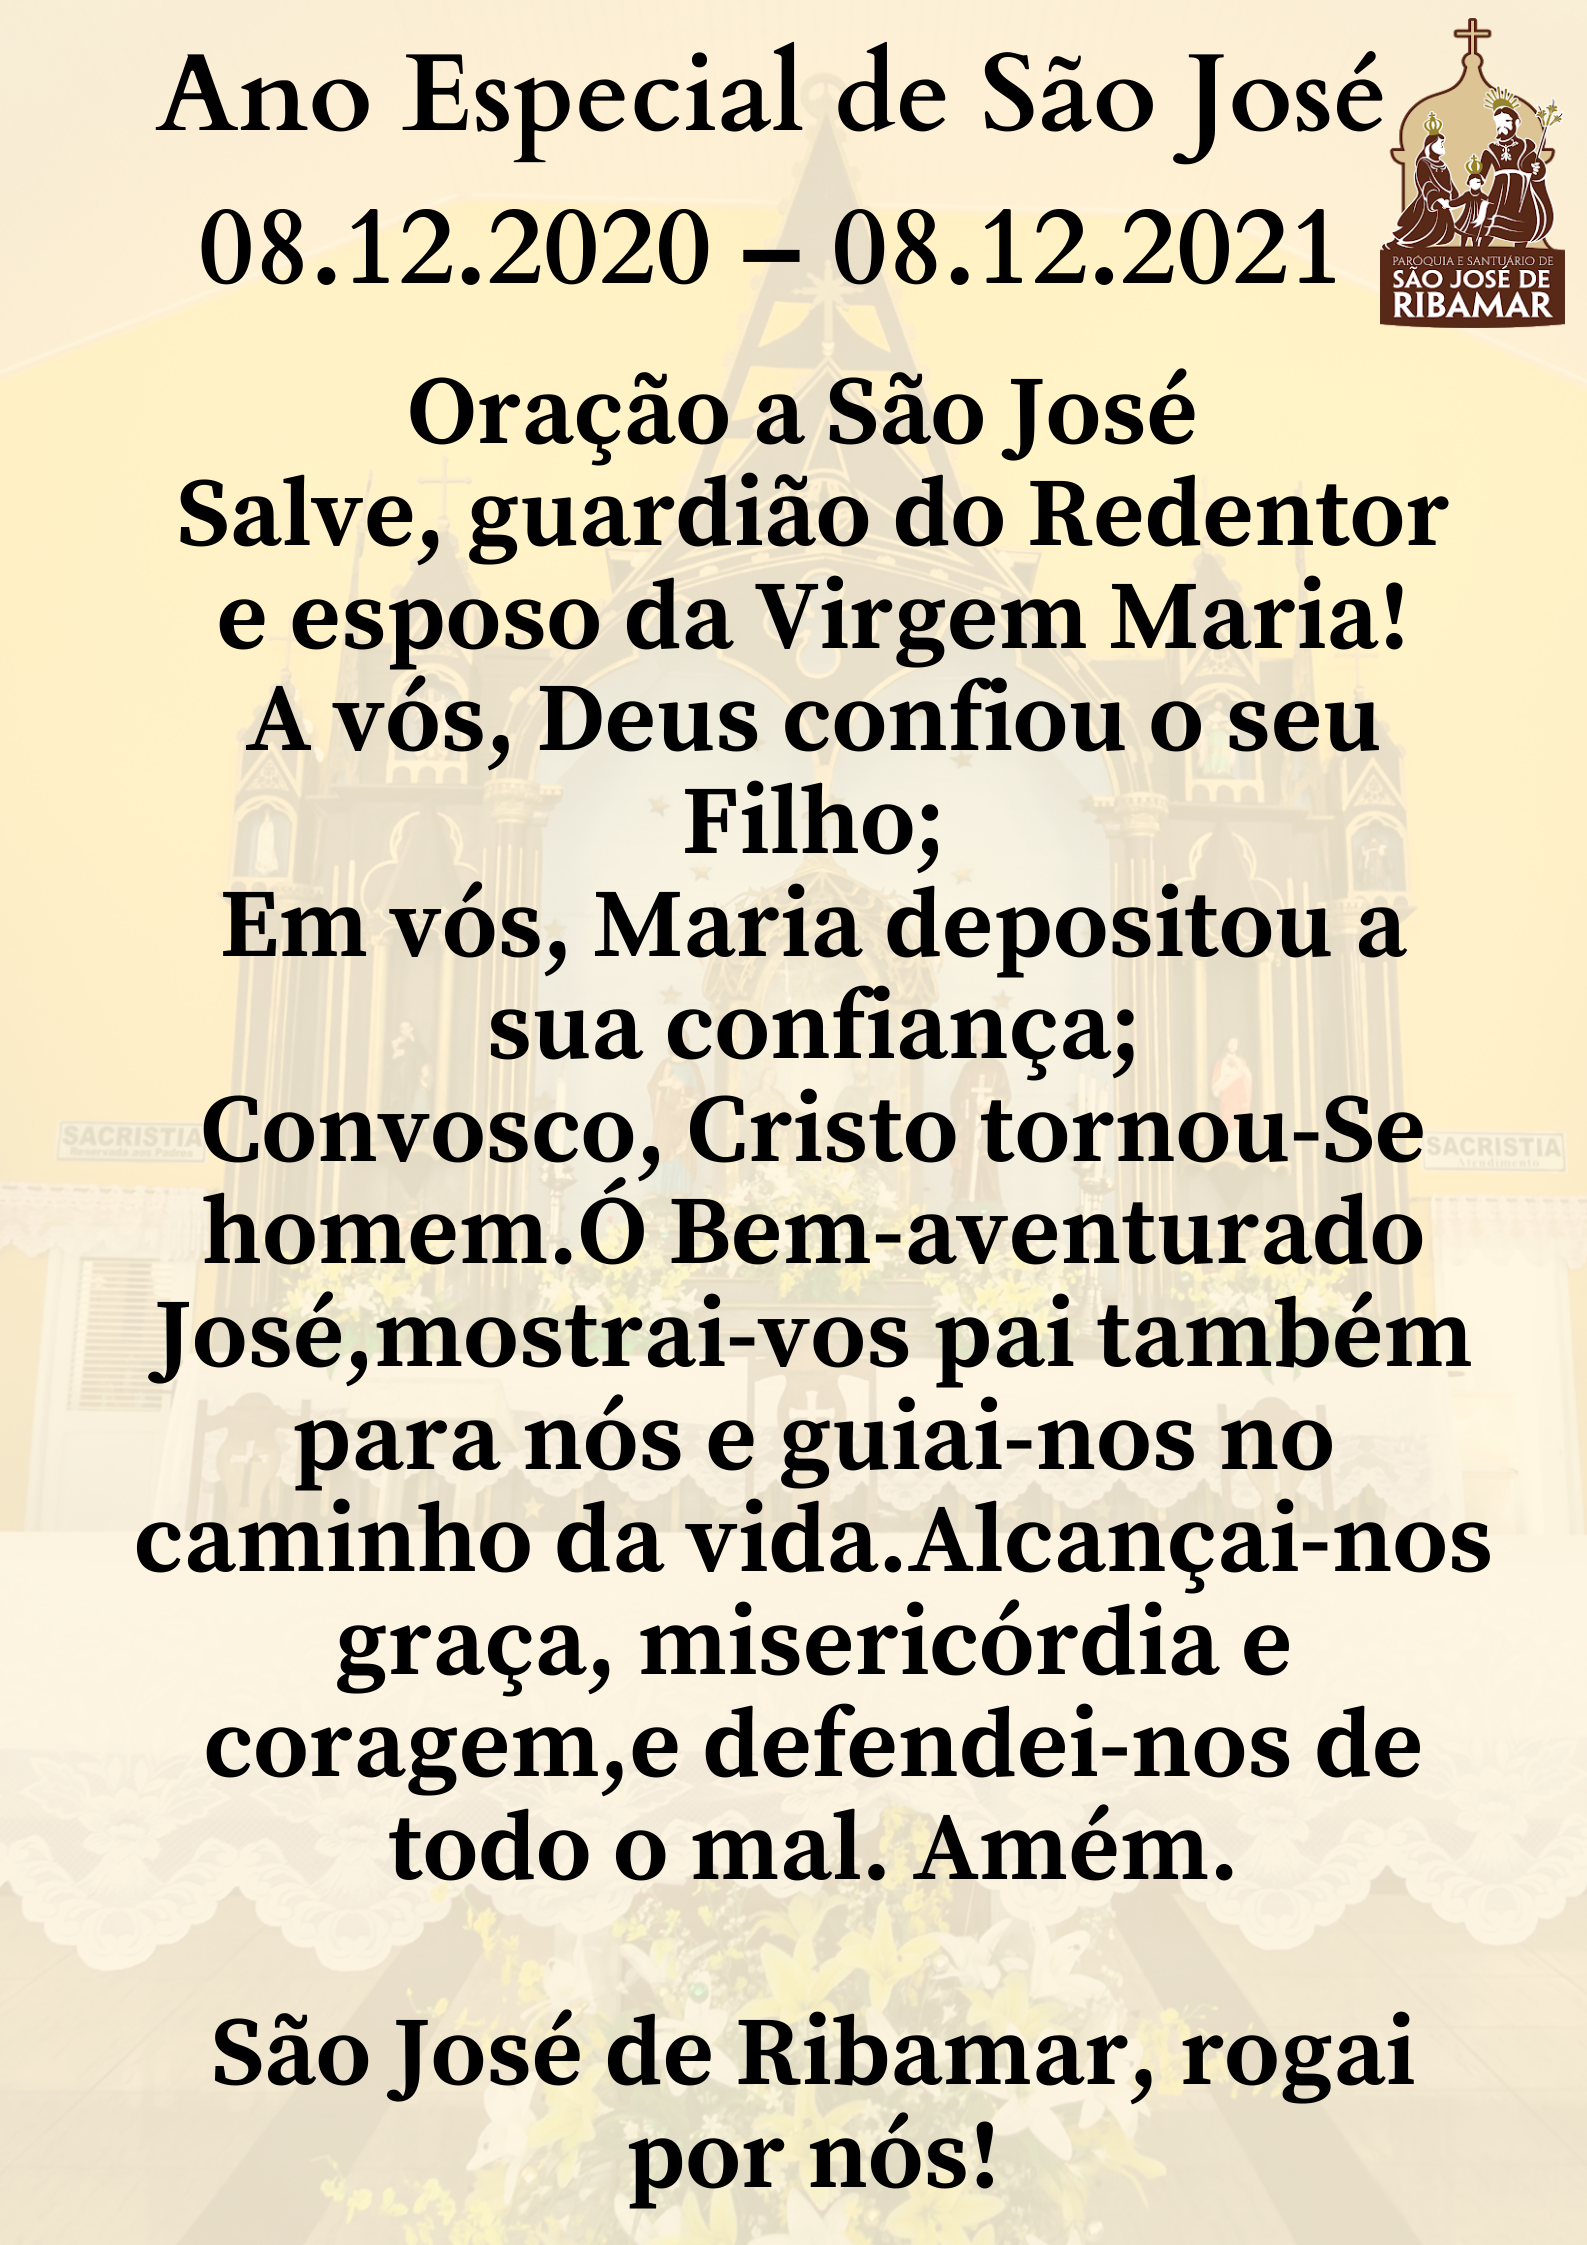 Ano Especial de São José08.12.2020 – 08.